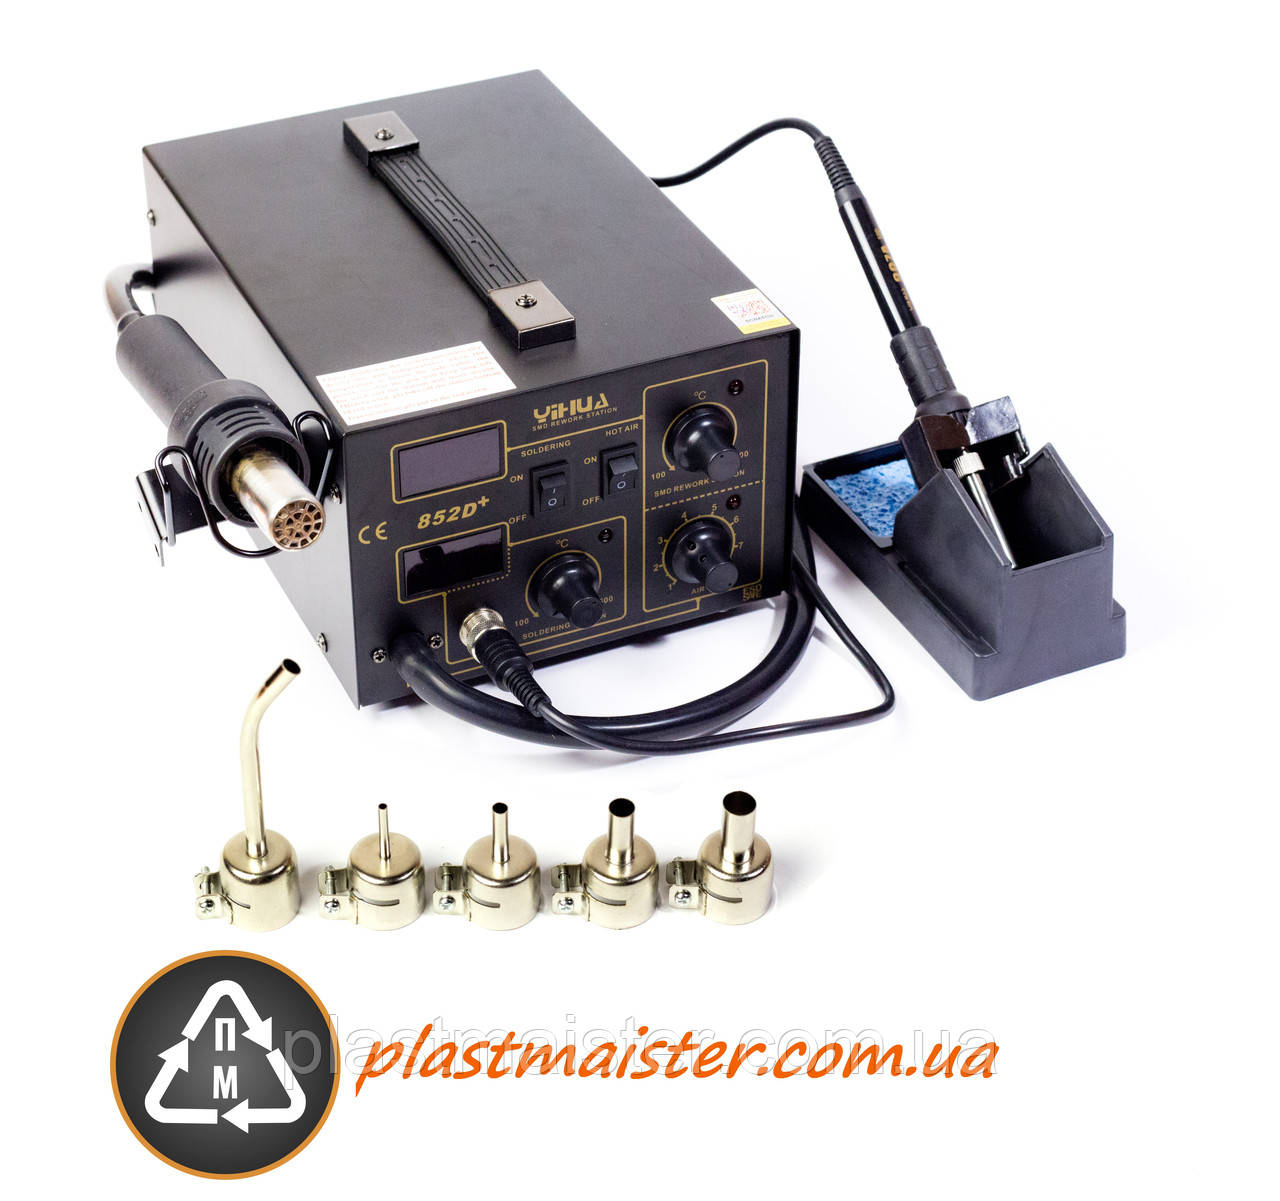 Инструмент для пайки пластика - 852D+2 в 1 + паяльник + 5 насадок